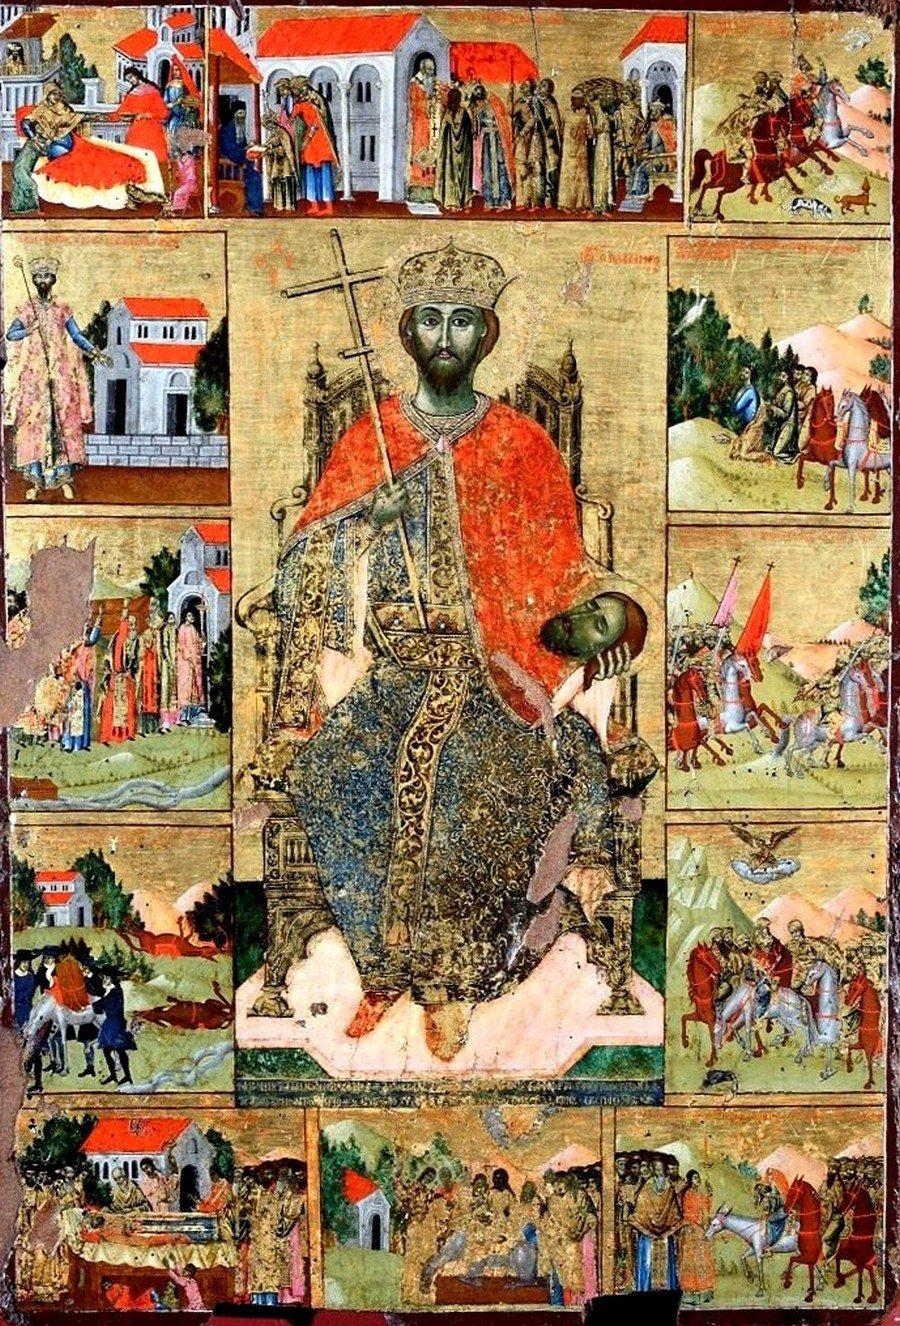 Святой Мученик Иоанн-Владимир, Князь Сербский. Икона. Албания, 1739 год. Иконописец Костандин Шпатараку.